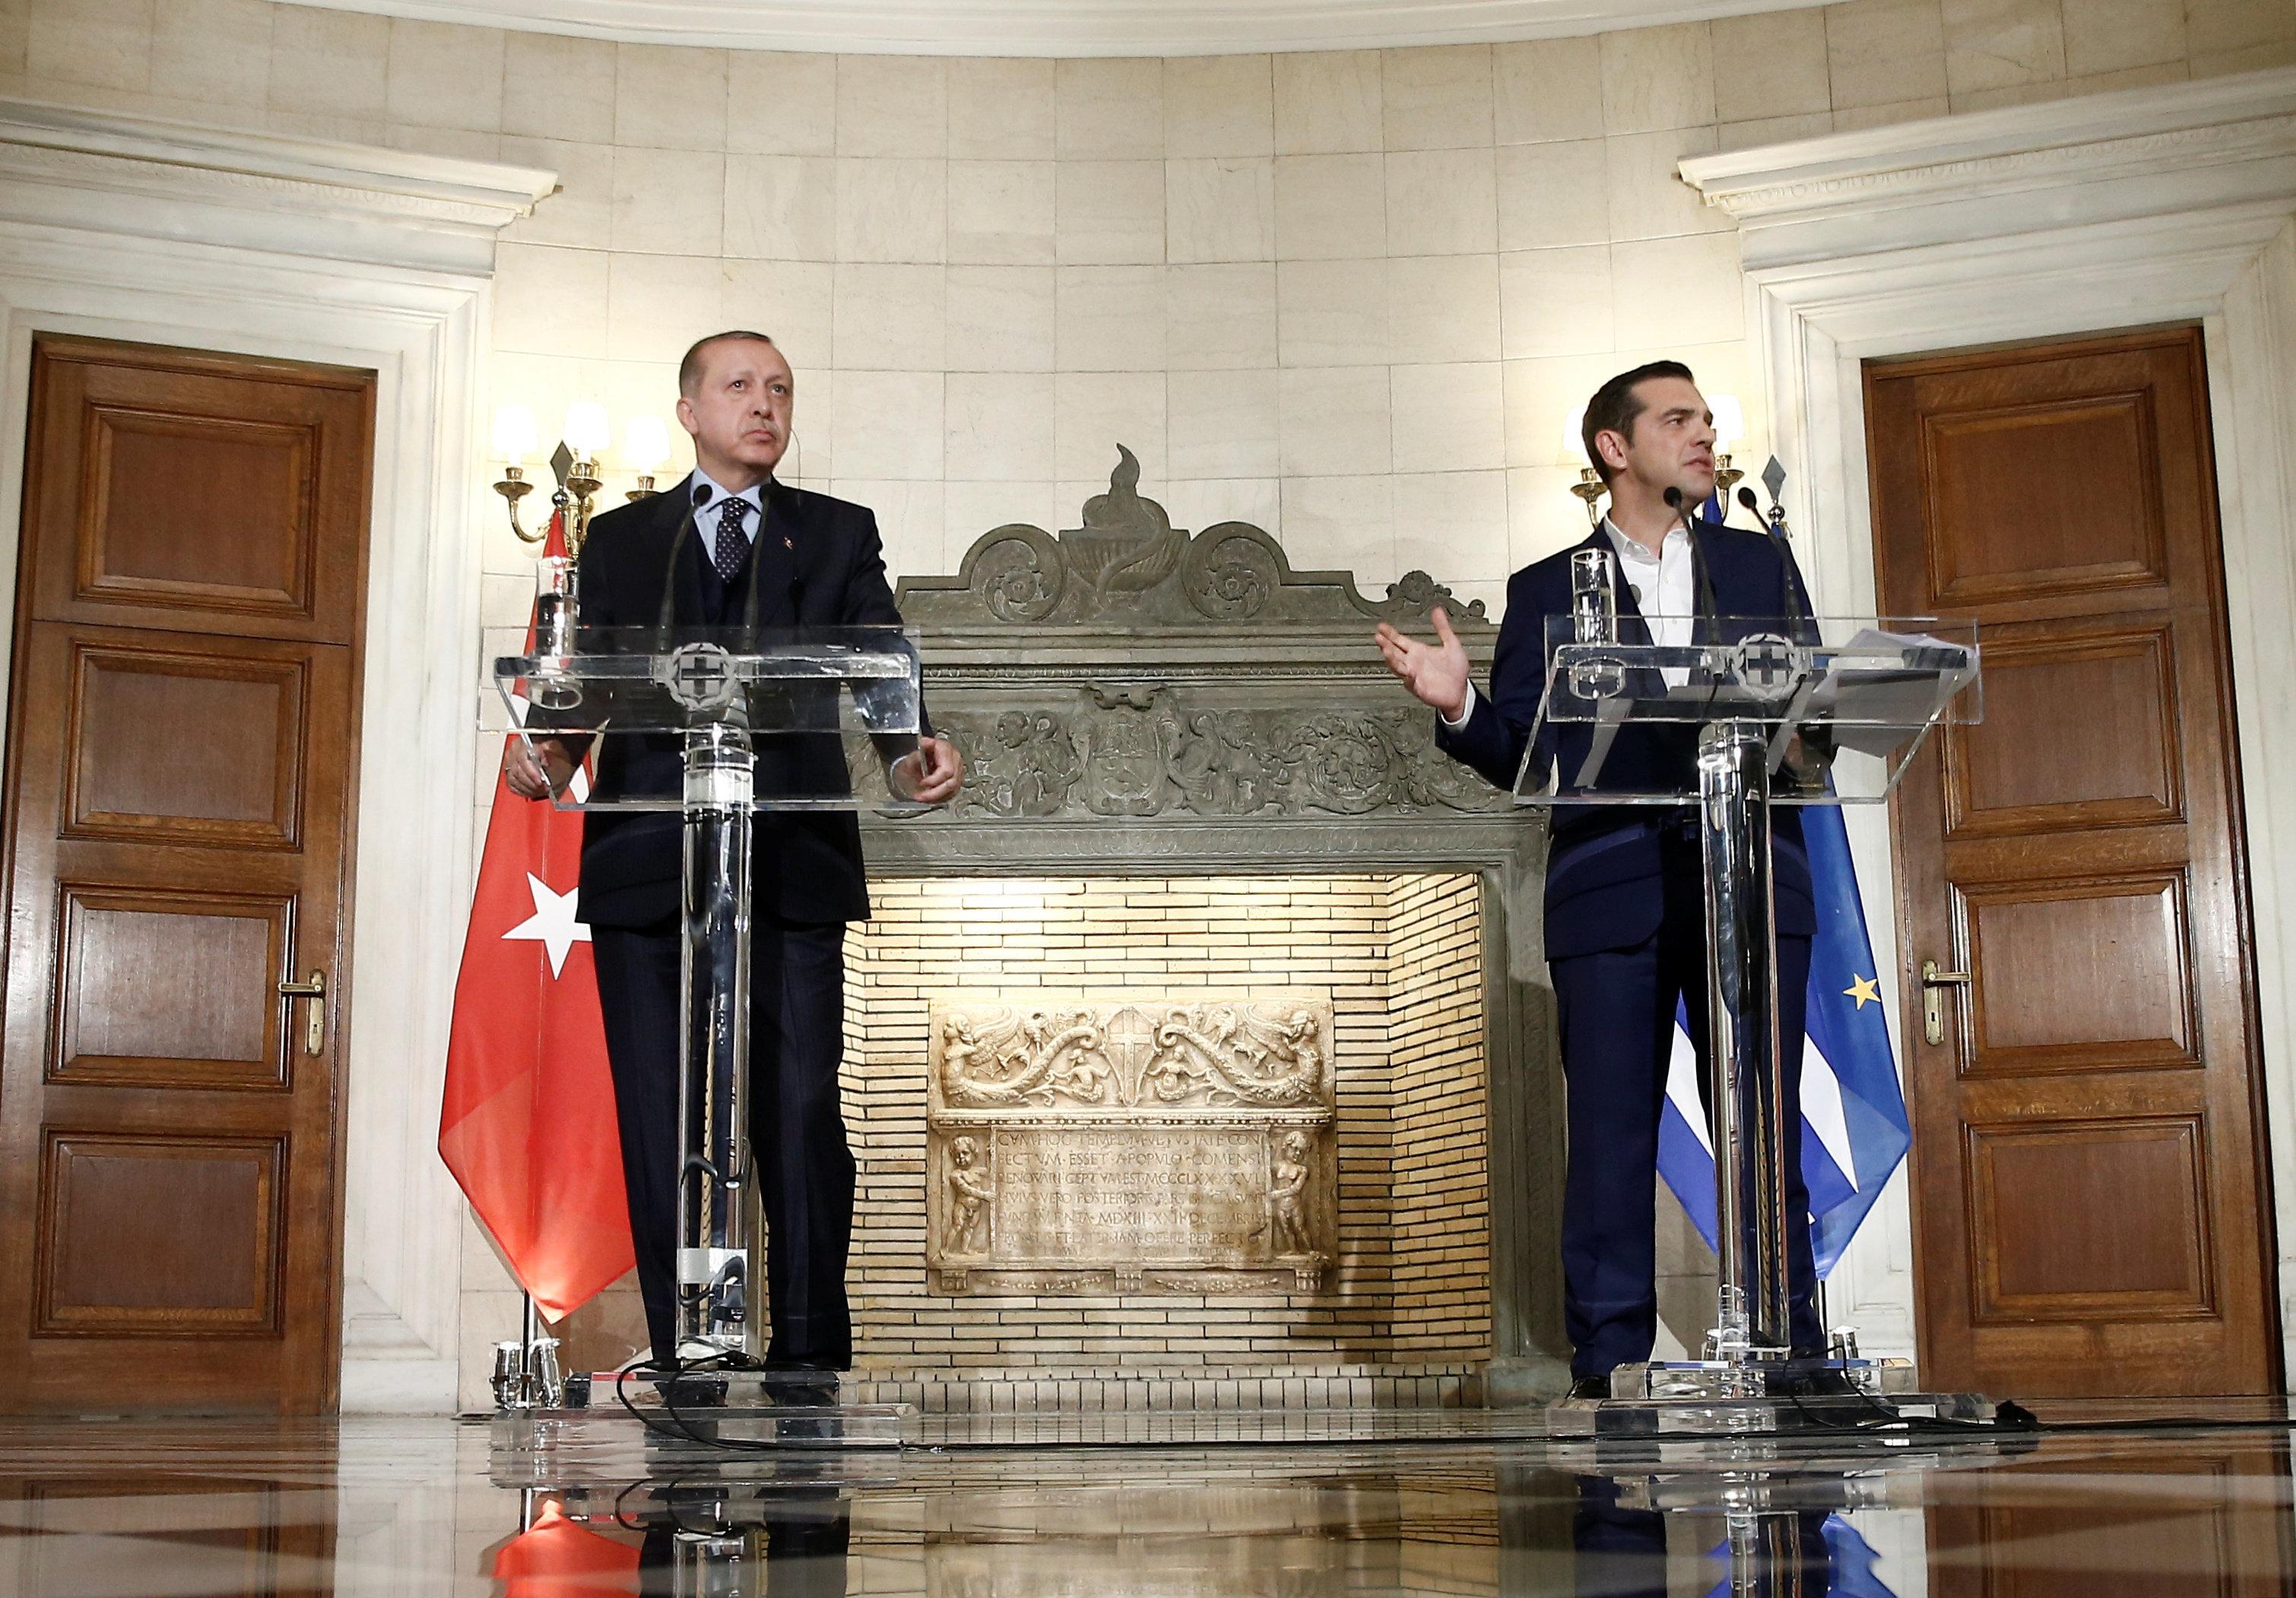 Σήμερα η συνάντηση του Τσίπρα-Ερντογάν στο περιθώριο των εργασιών της Συνόδου του